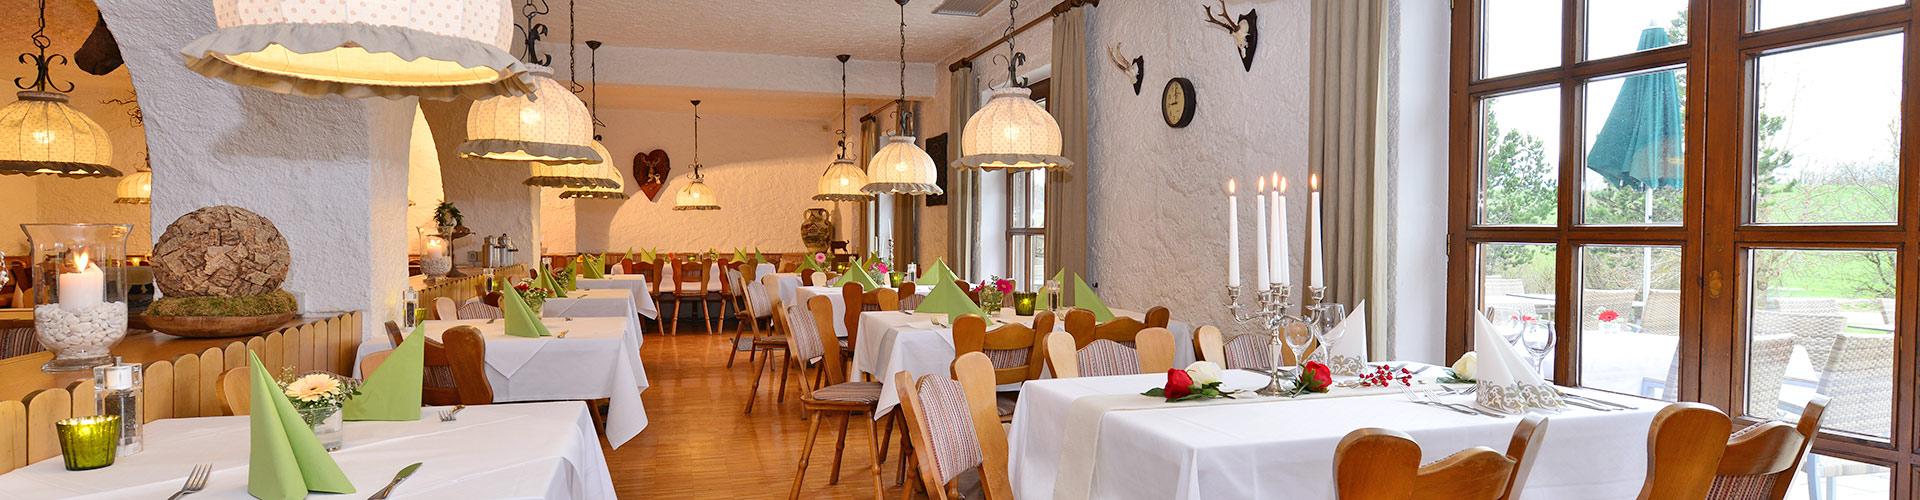 Hotel im Landgasthof Löwen